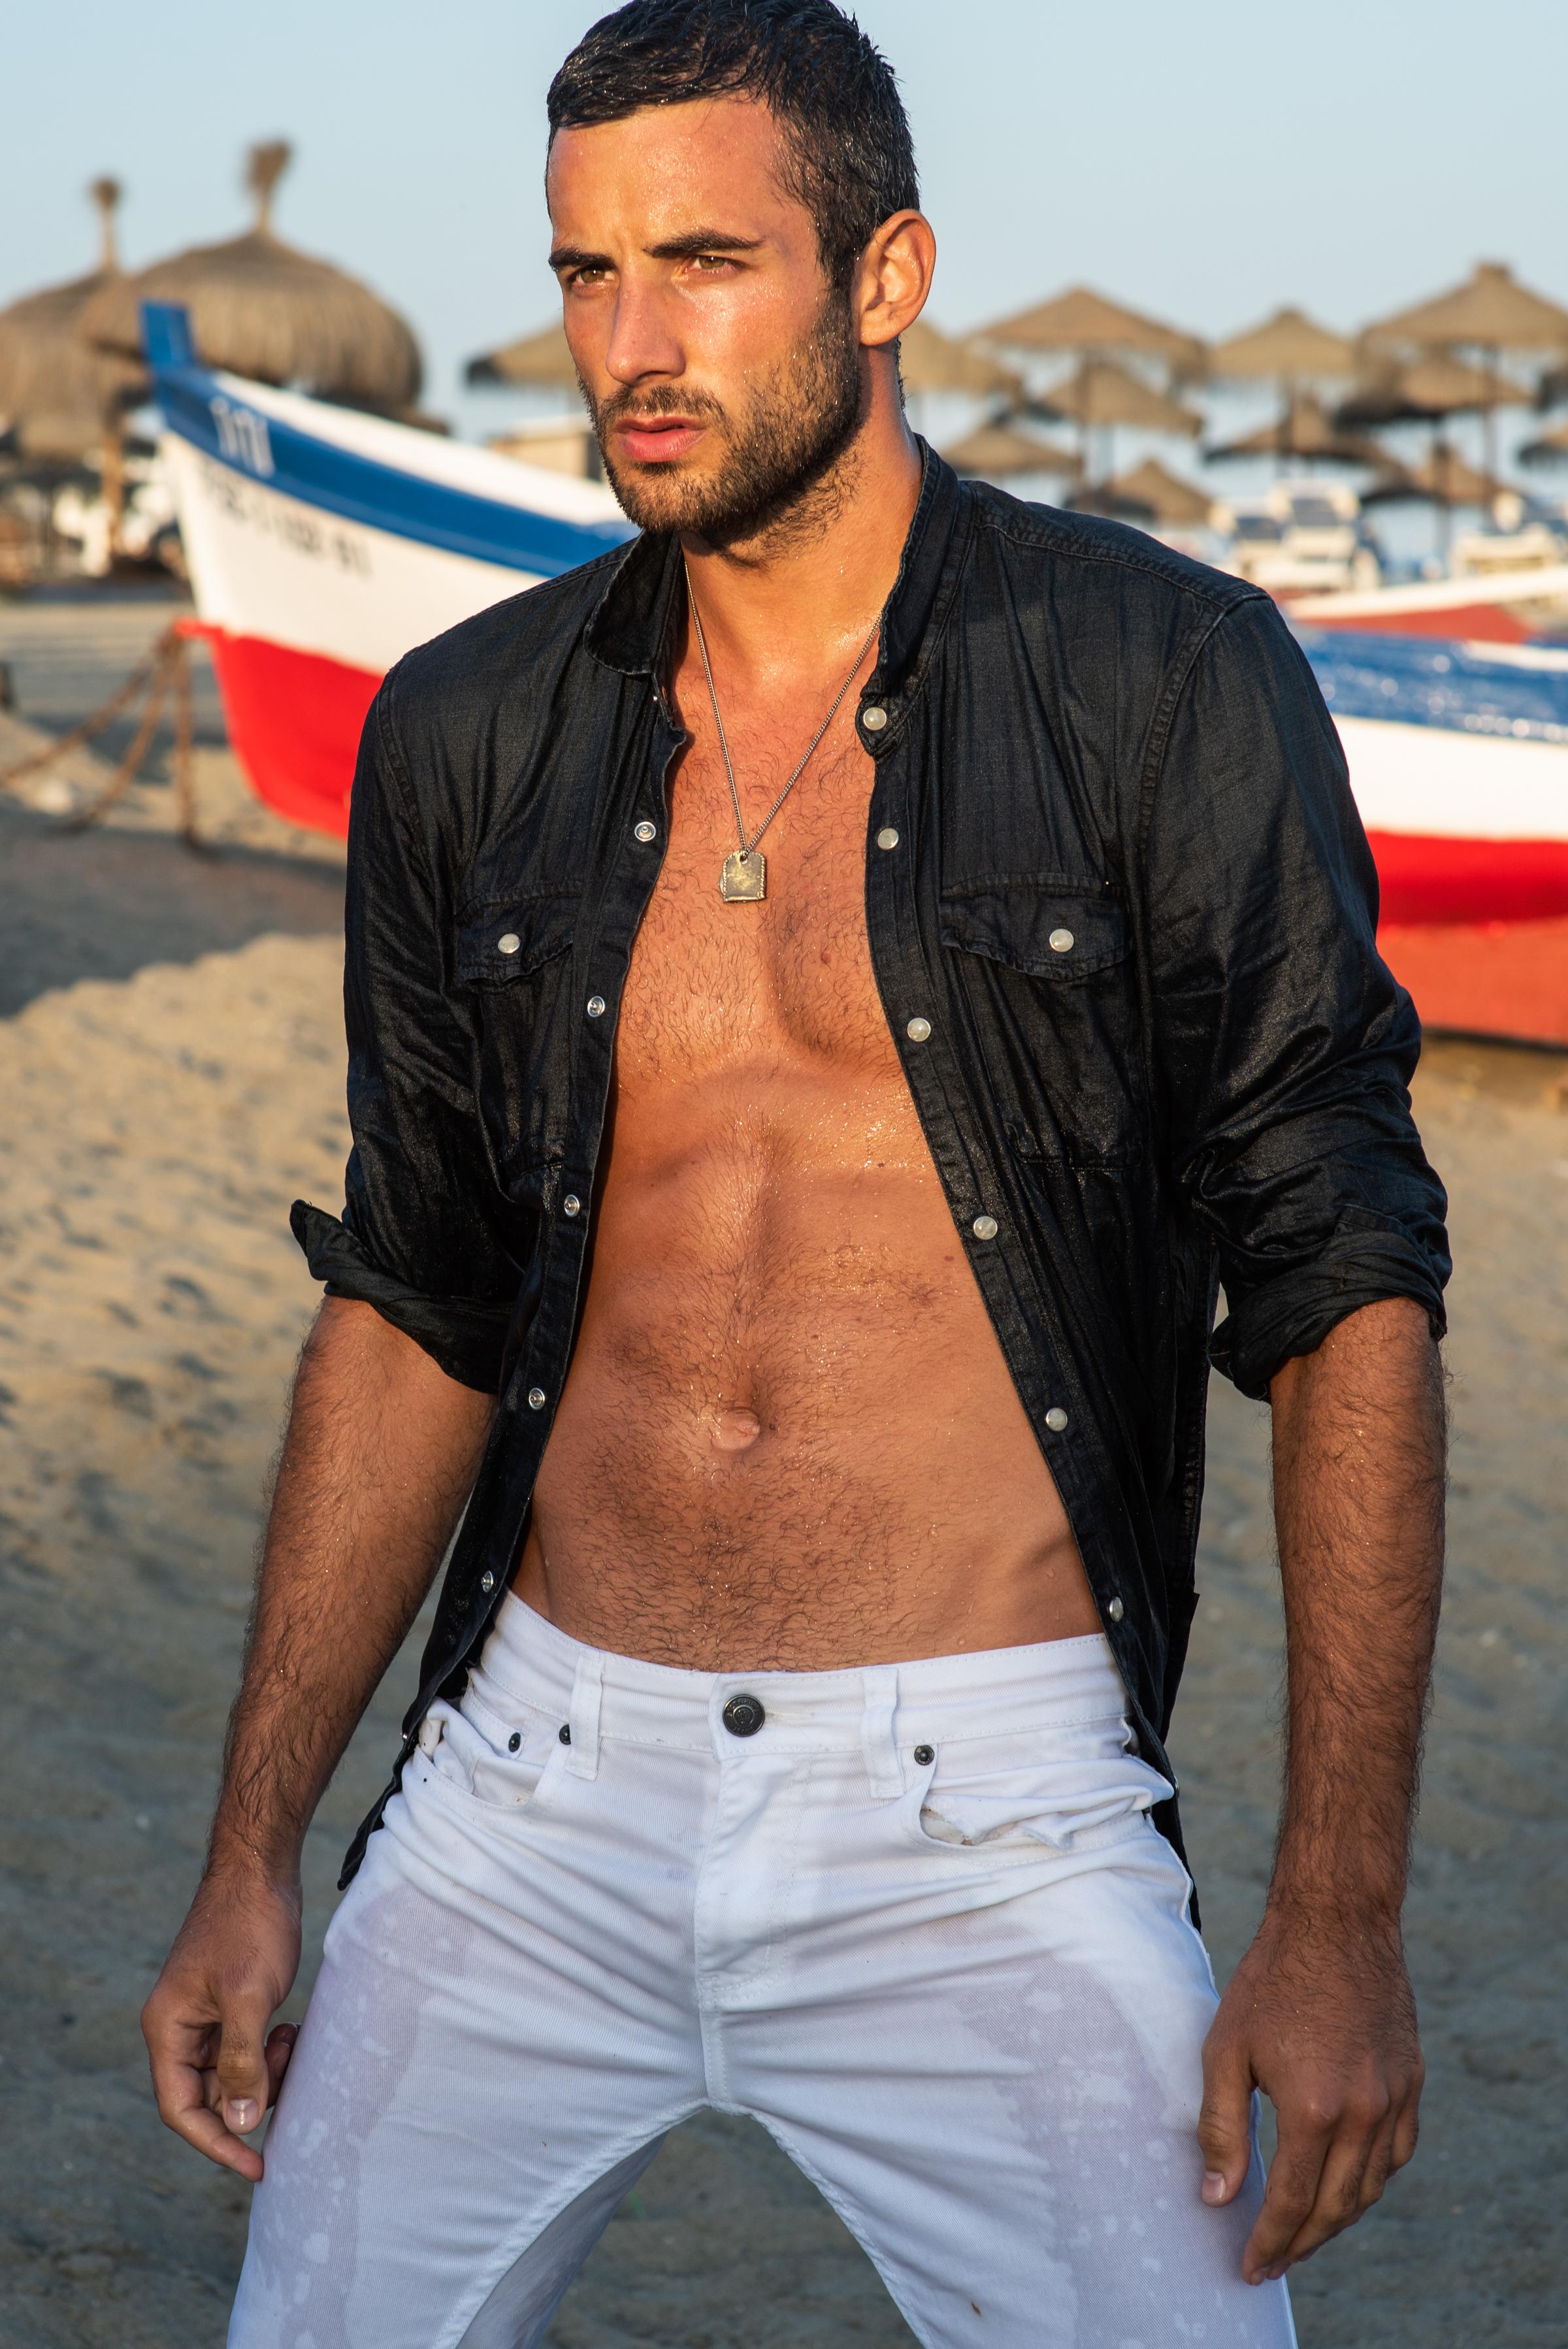 Shirt -  John Varvatos , Jeans -  Victorious Denim